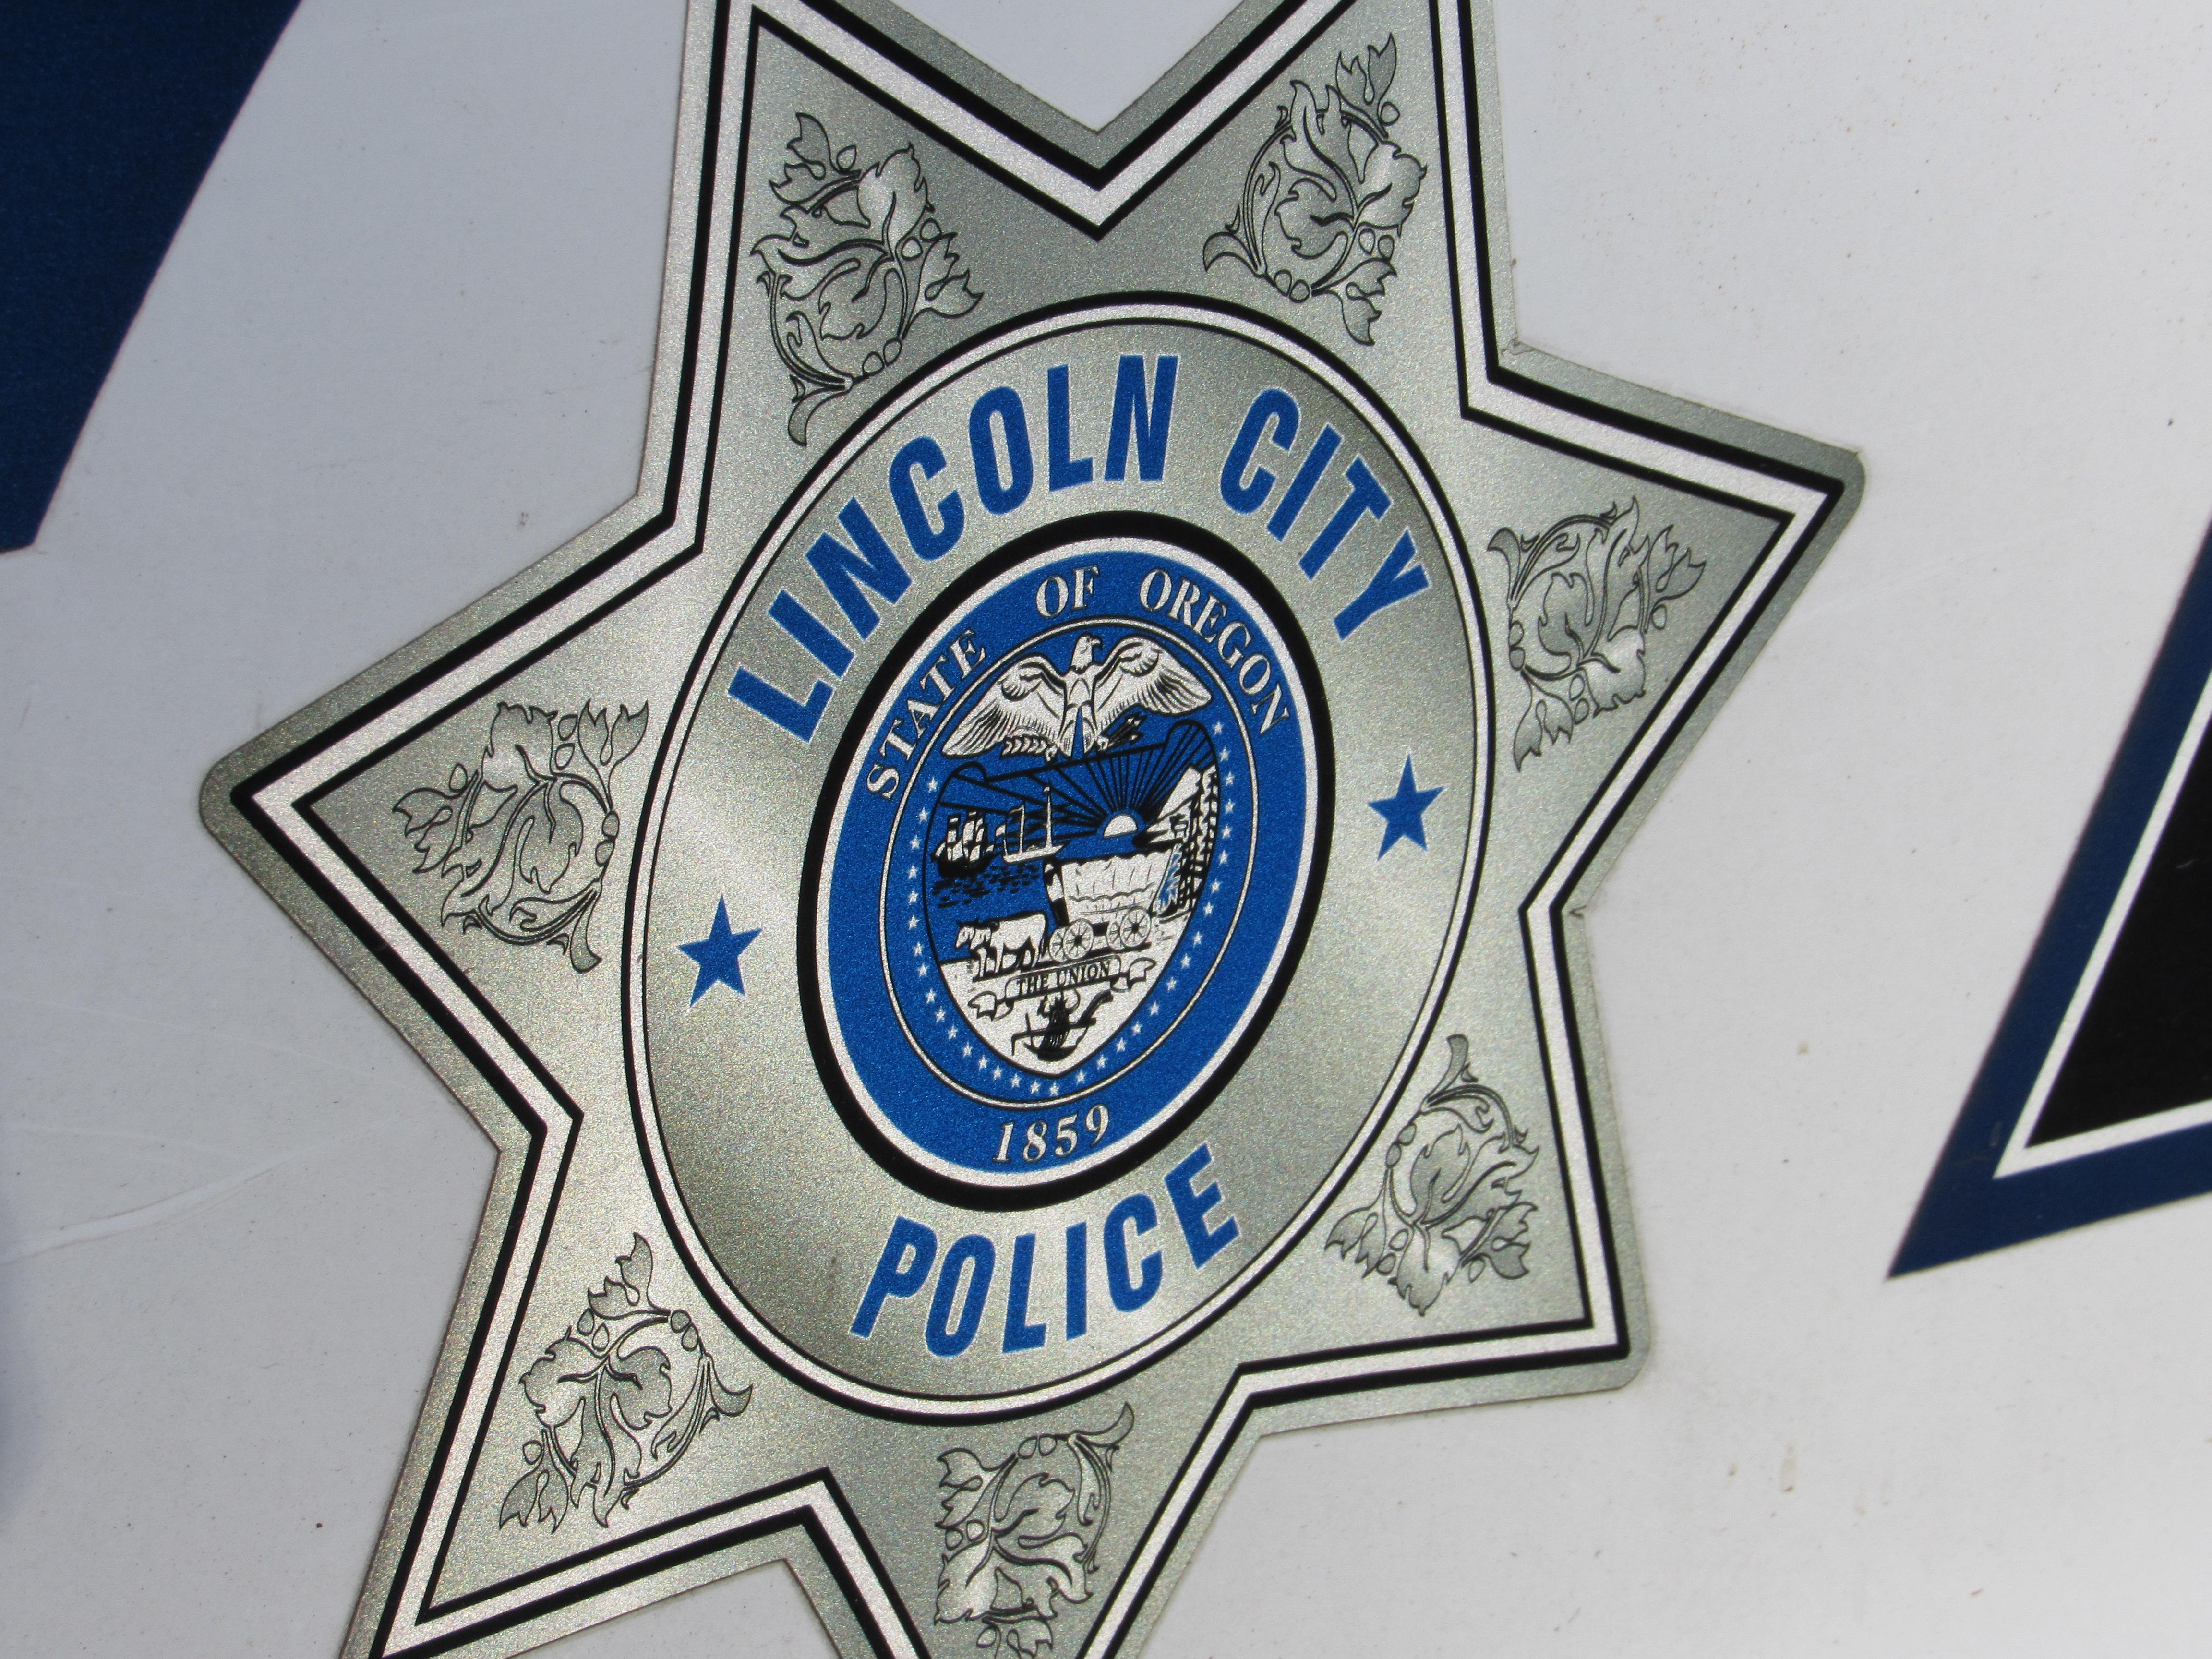 Lincoln City Oregon Police